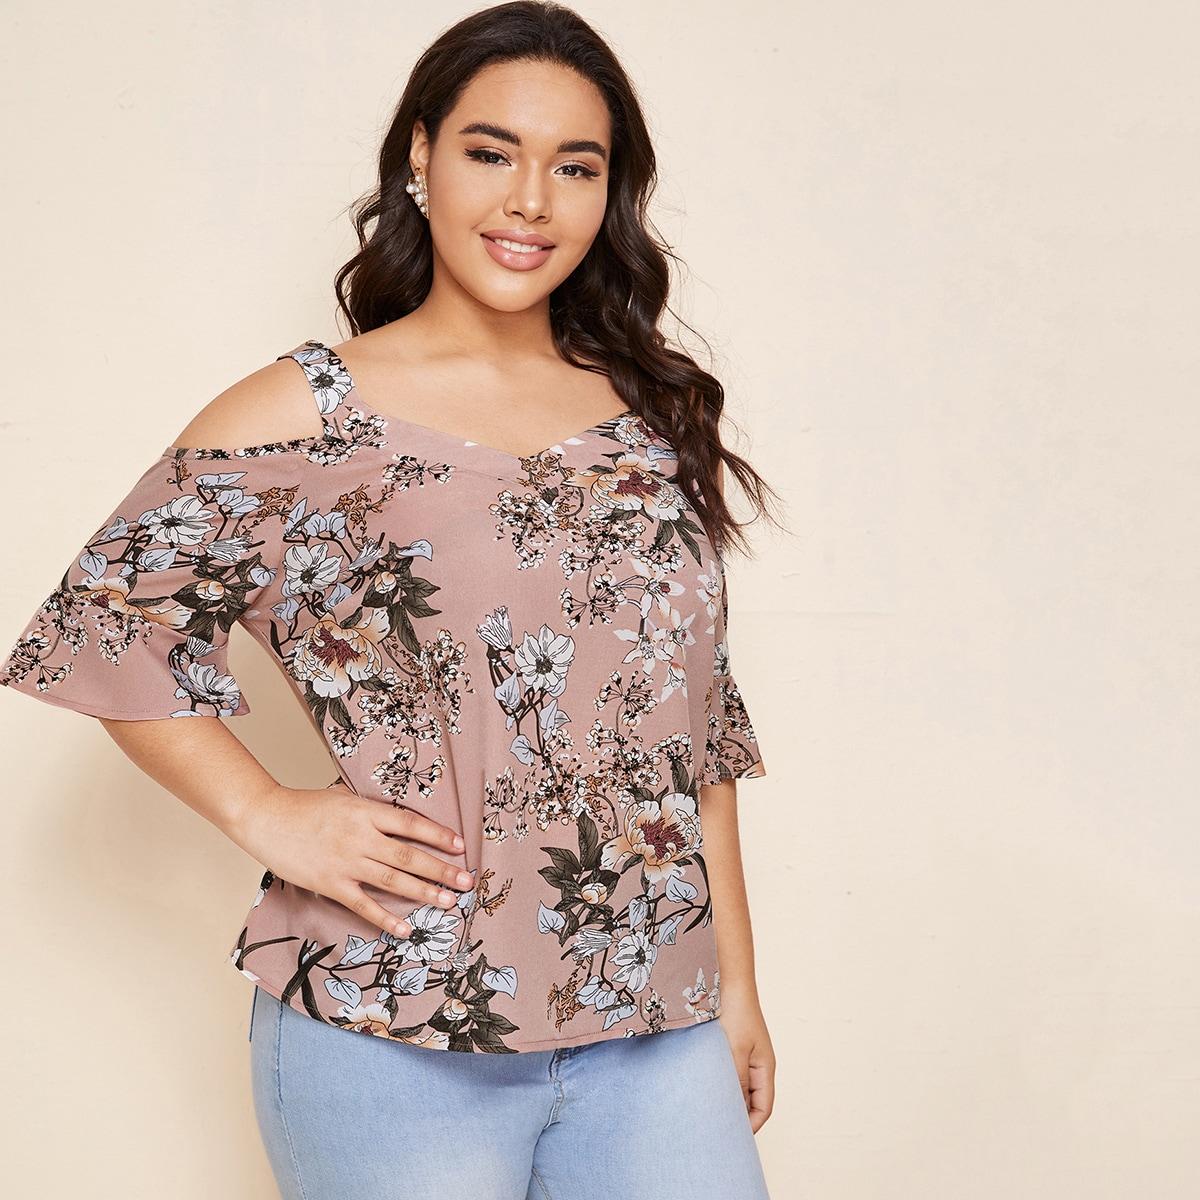 Блузка размера плюс с цветочным принтом и открытыми плечами